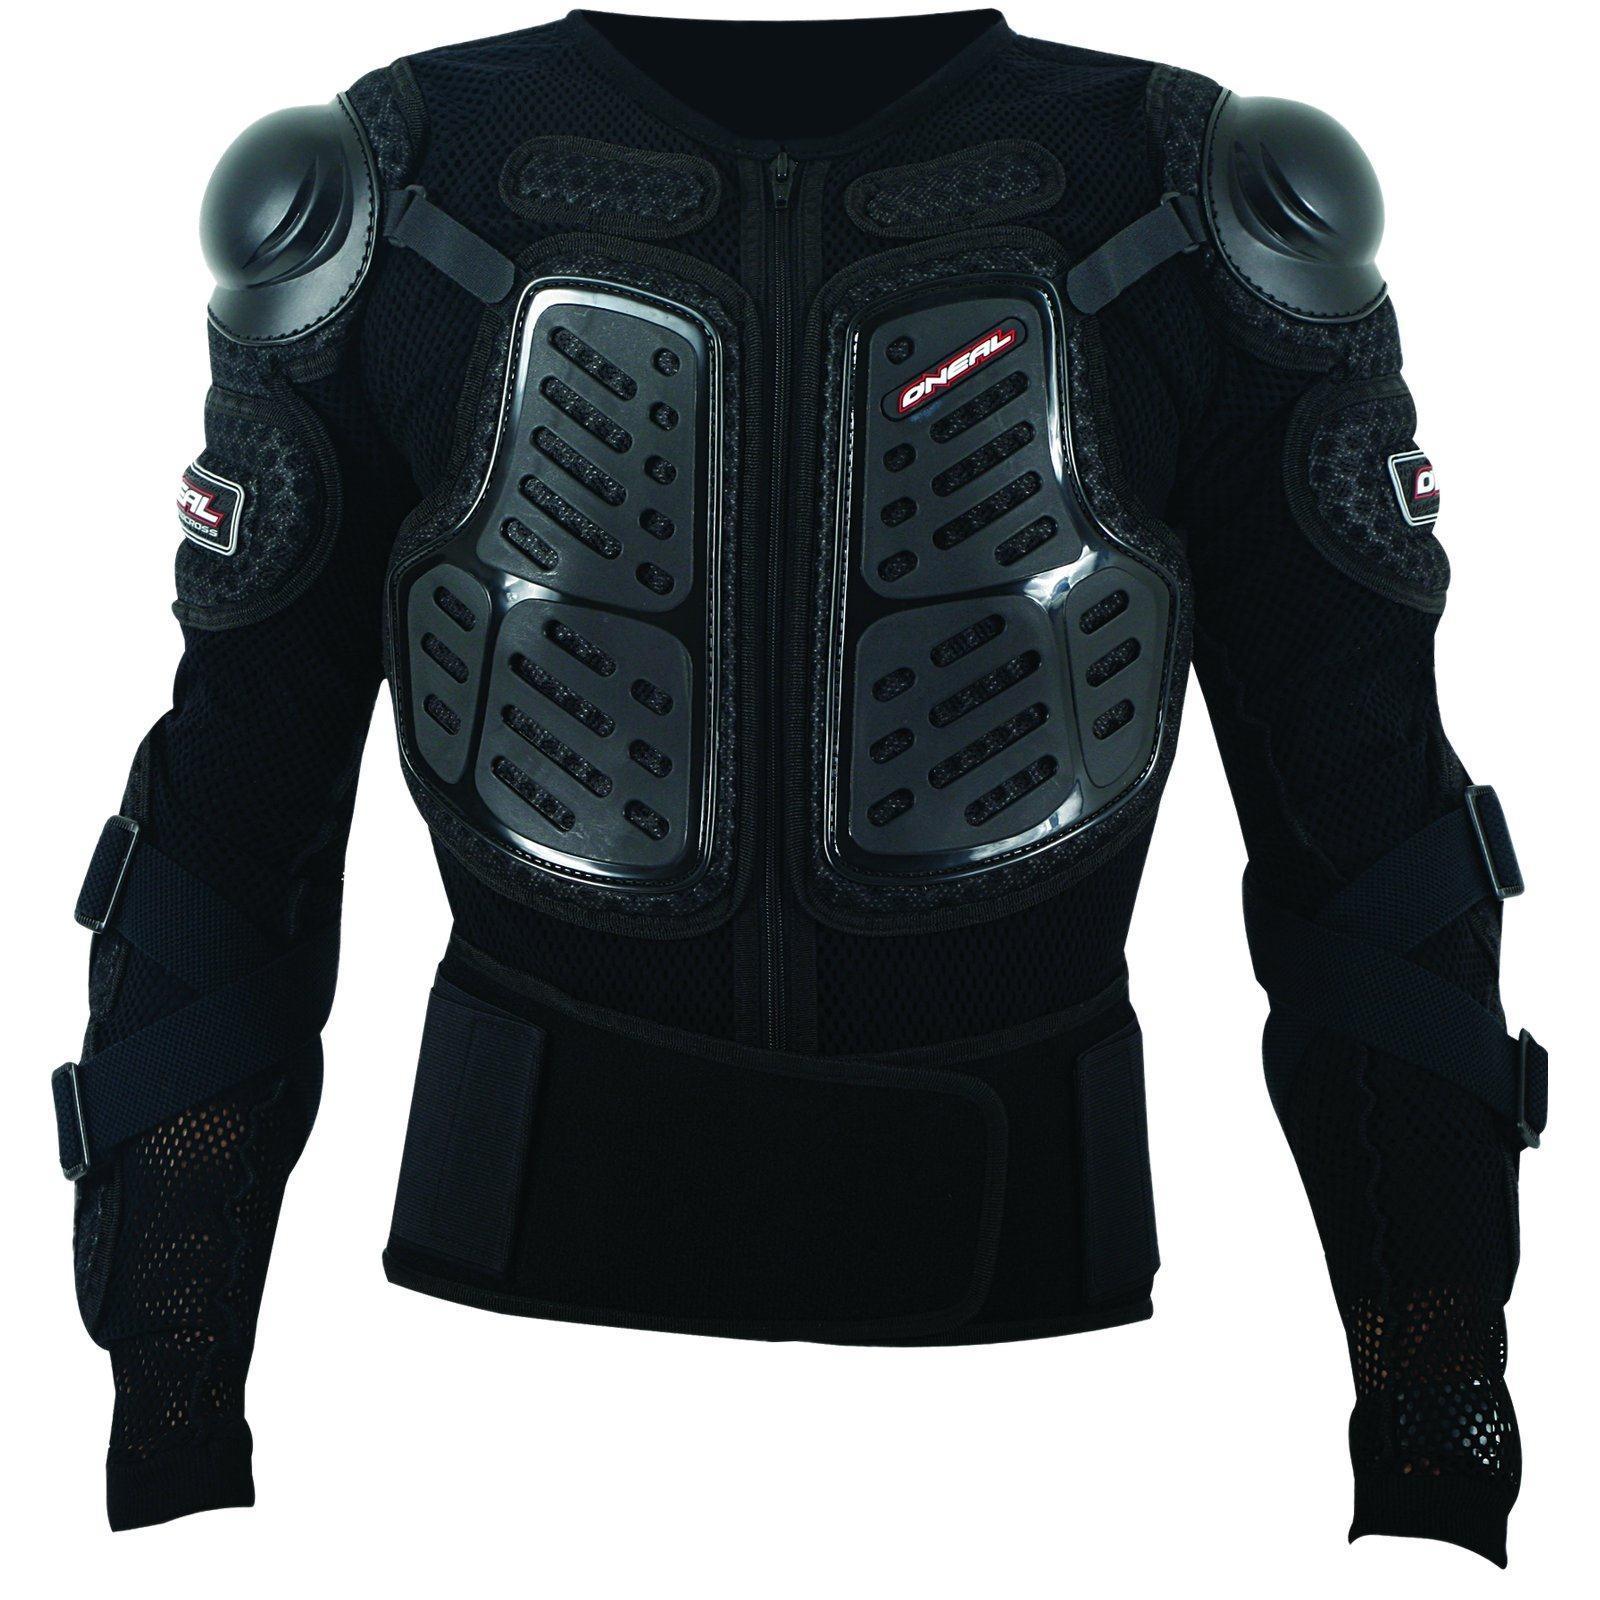 Oneal-protectores-chaqueta-pecho-tanques-chaqueta-moto-cross-FR-DH-proteccion-chaleco-MX-MTB miniatura 16